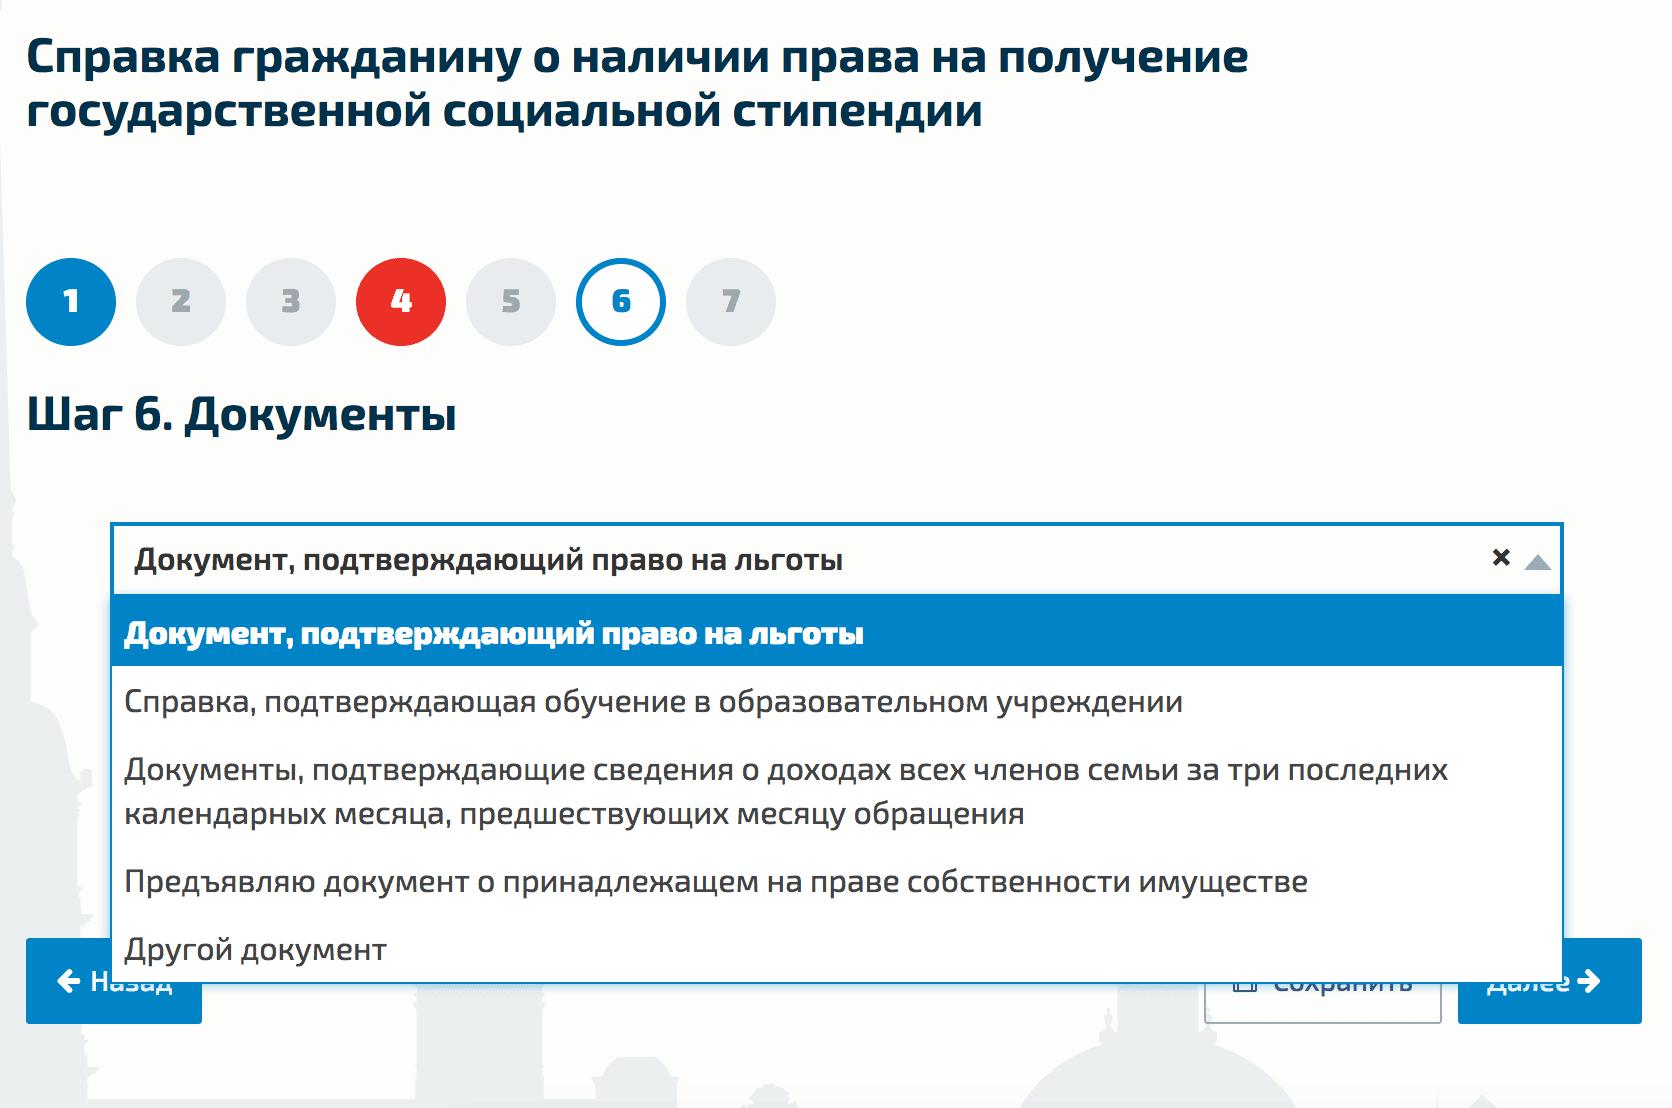 В Петербурге справку можно заказать на региональном сайте с государственными услугами — gu.spb.ru